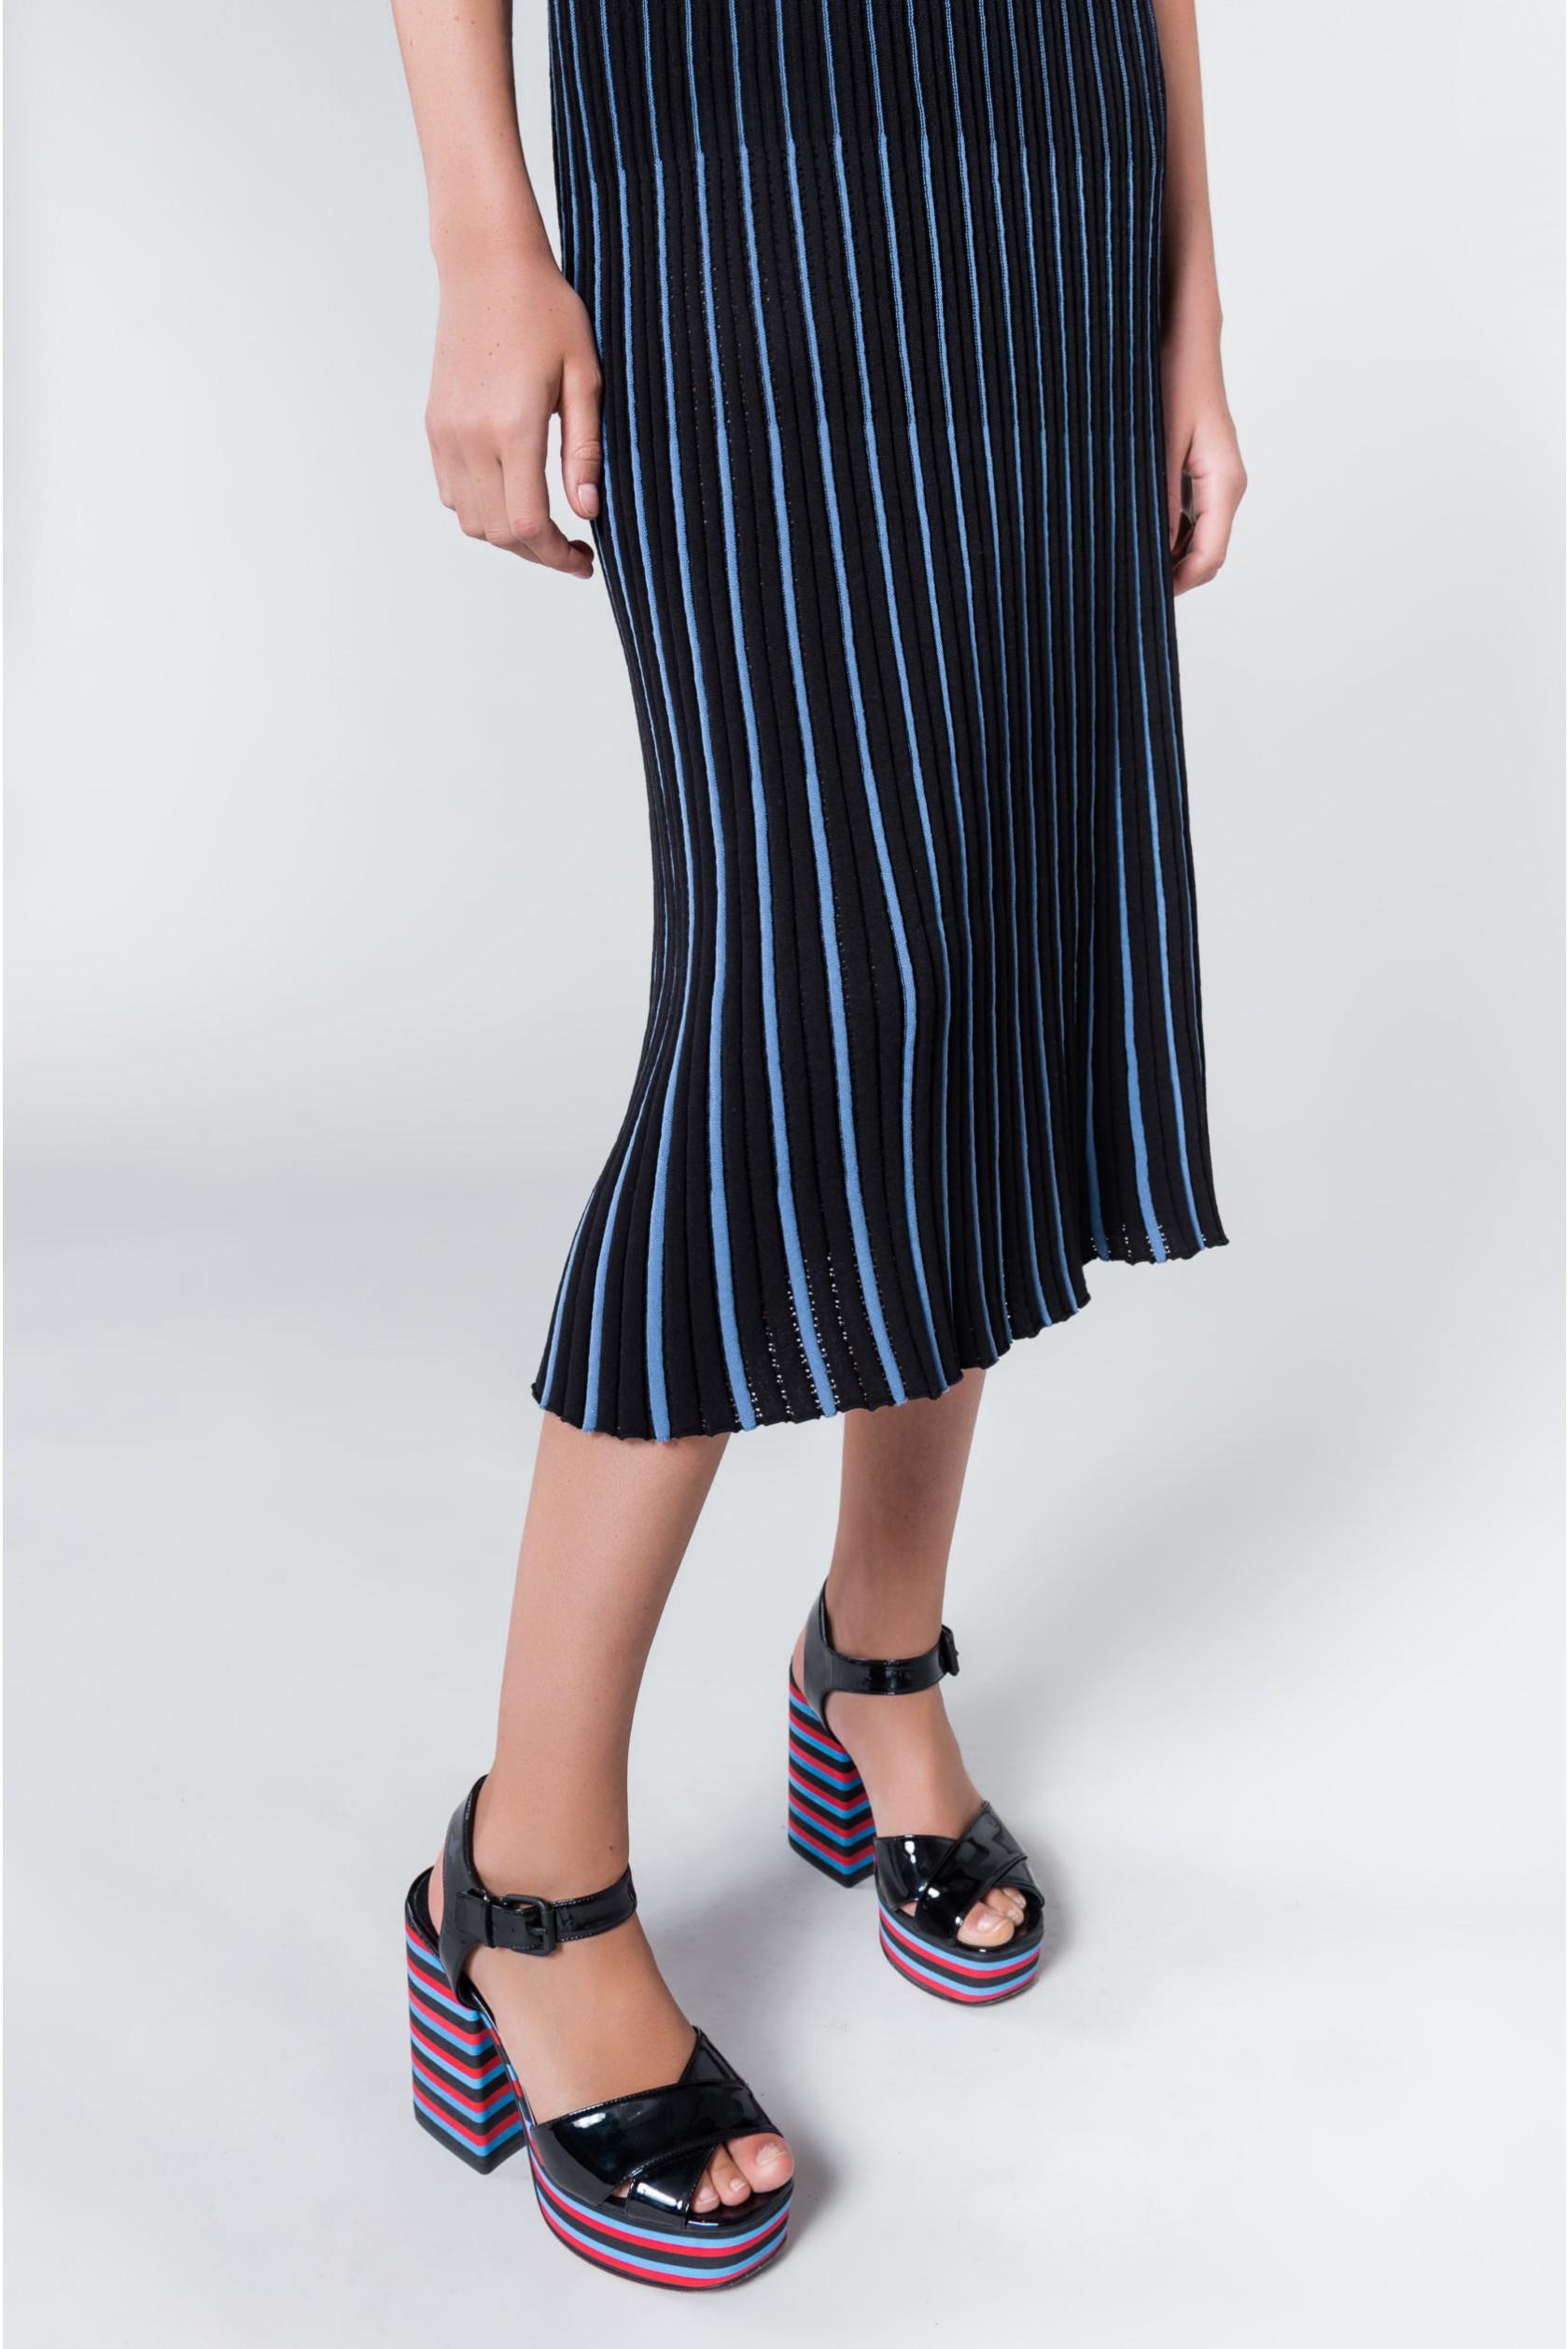 96db7d72d85 Sonia Rykiel - Blue Pleated Knit Maxi Skirt - Lyst. View fullscreen